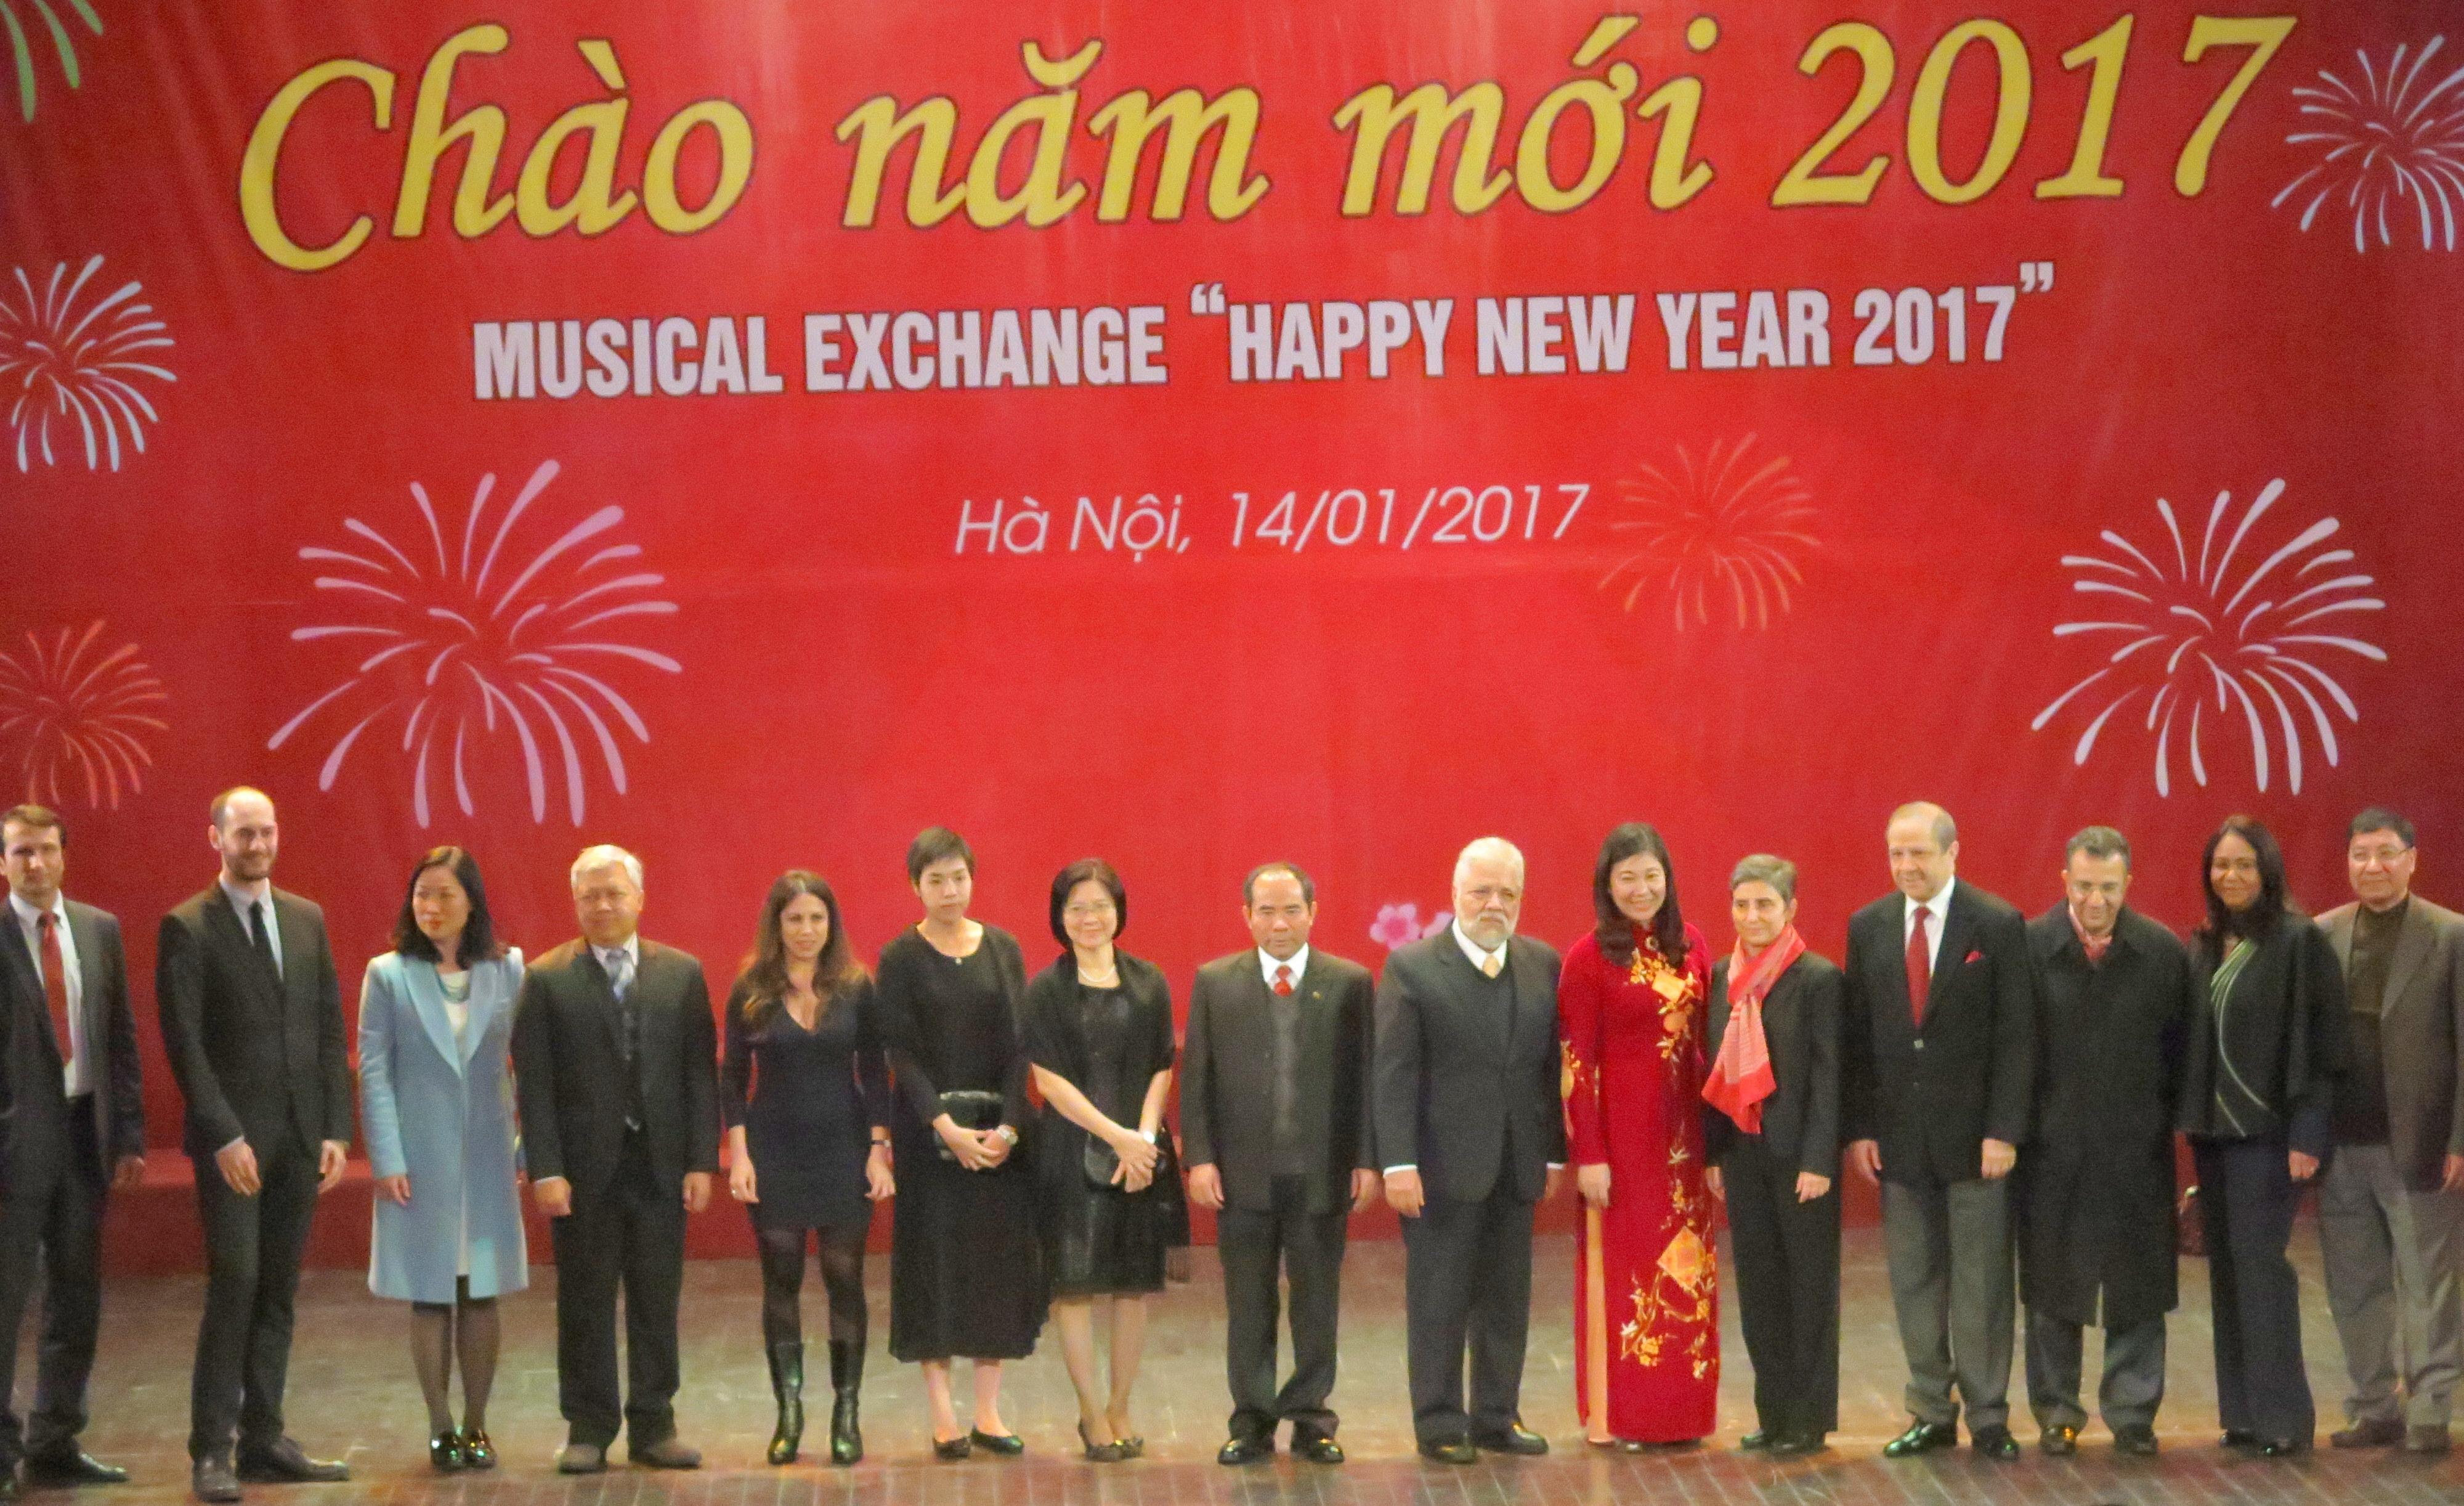 Spectacle musical et d'échange artistique international pour saluer Nouvel An 2017